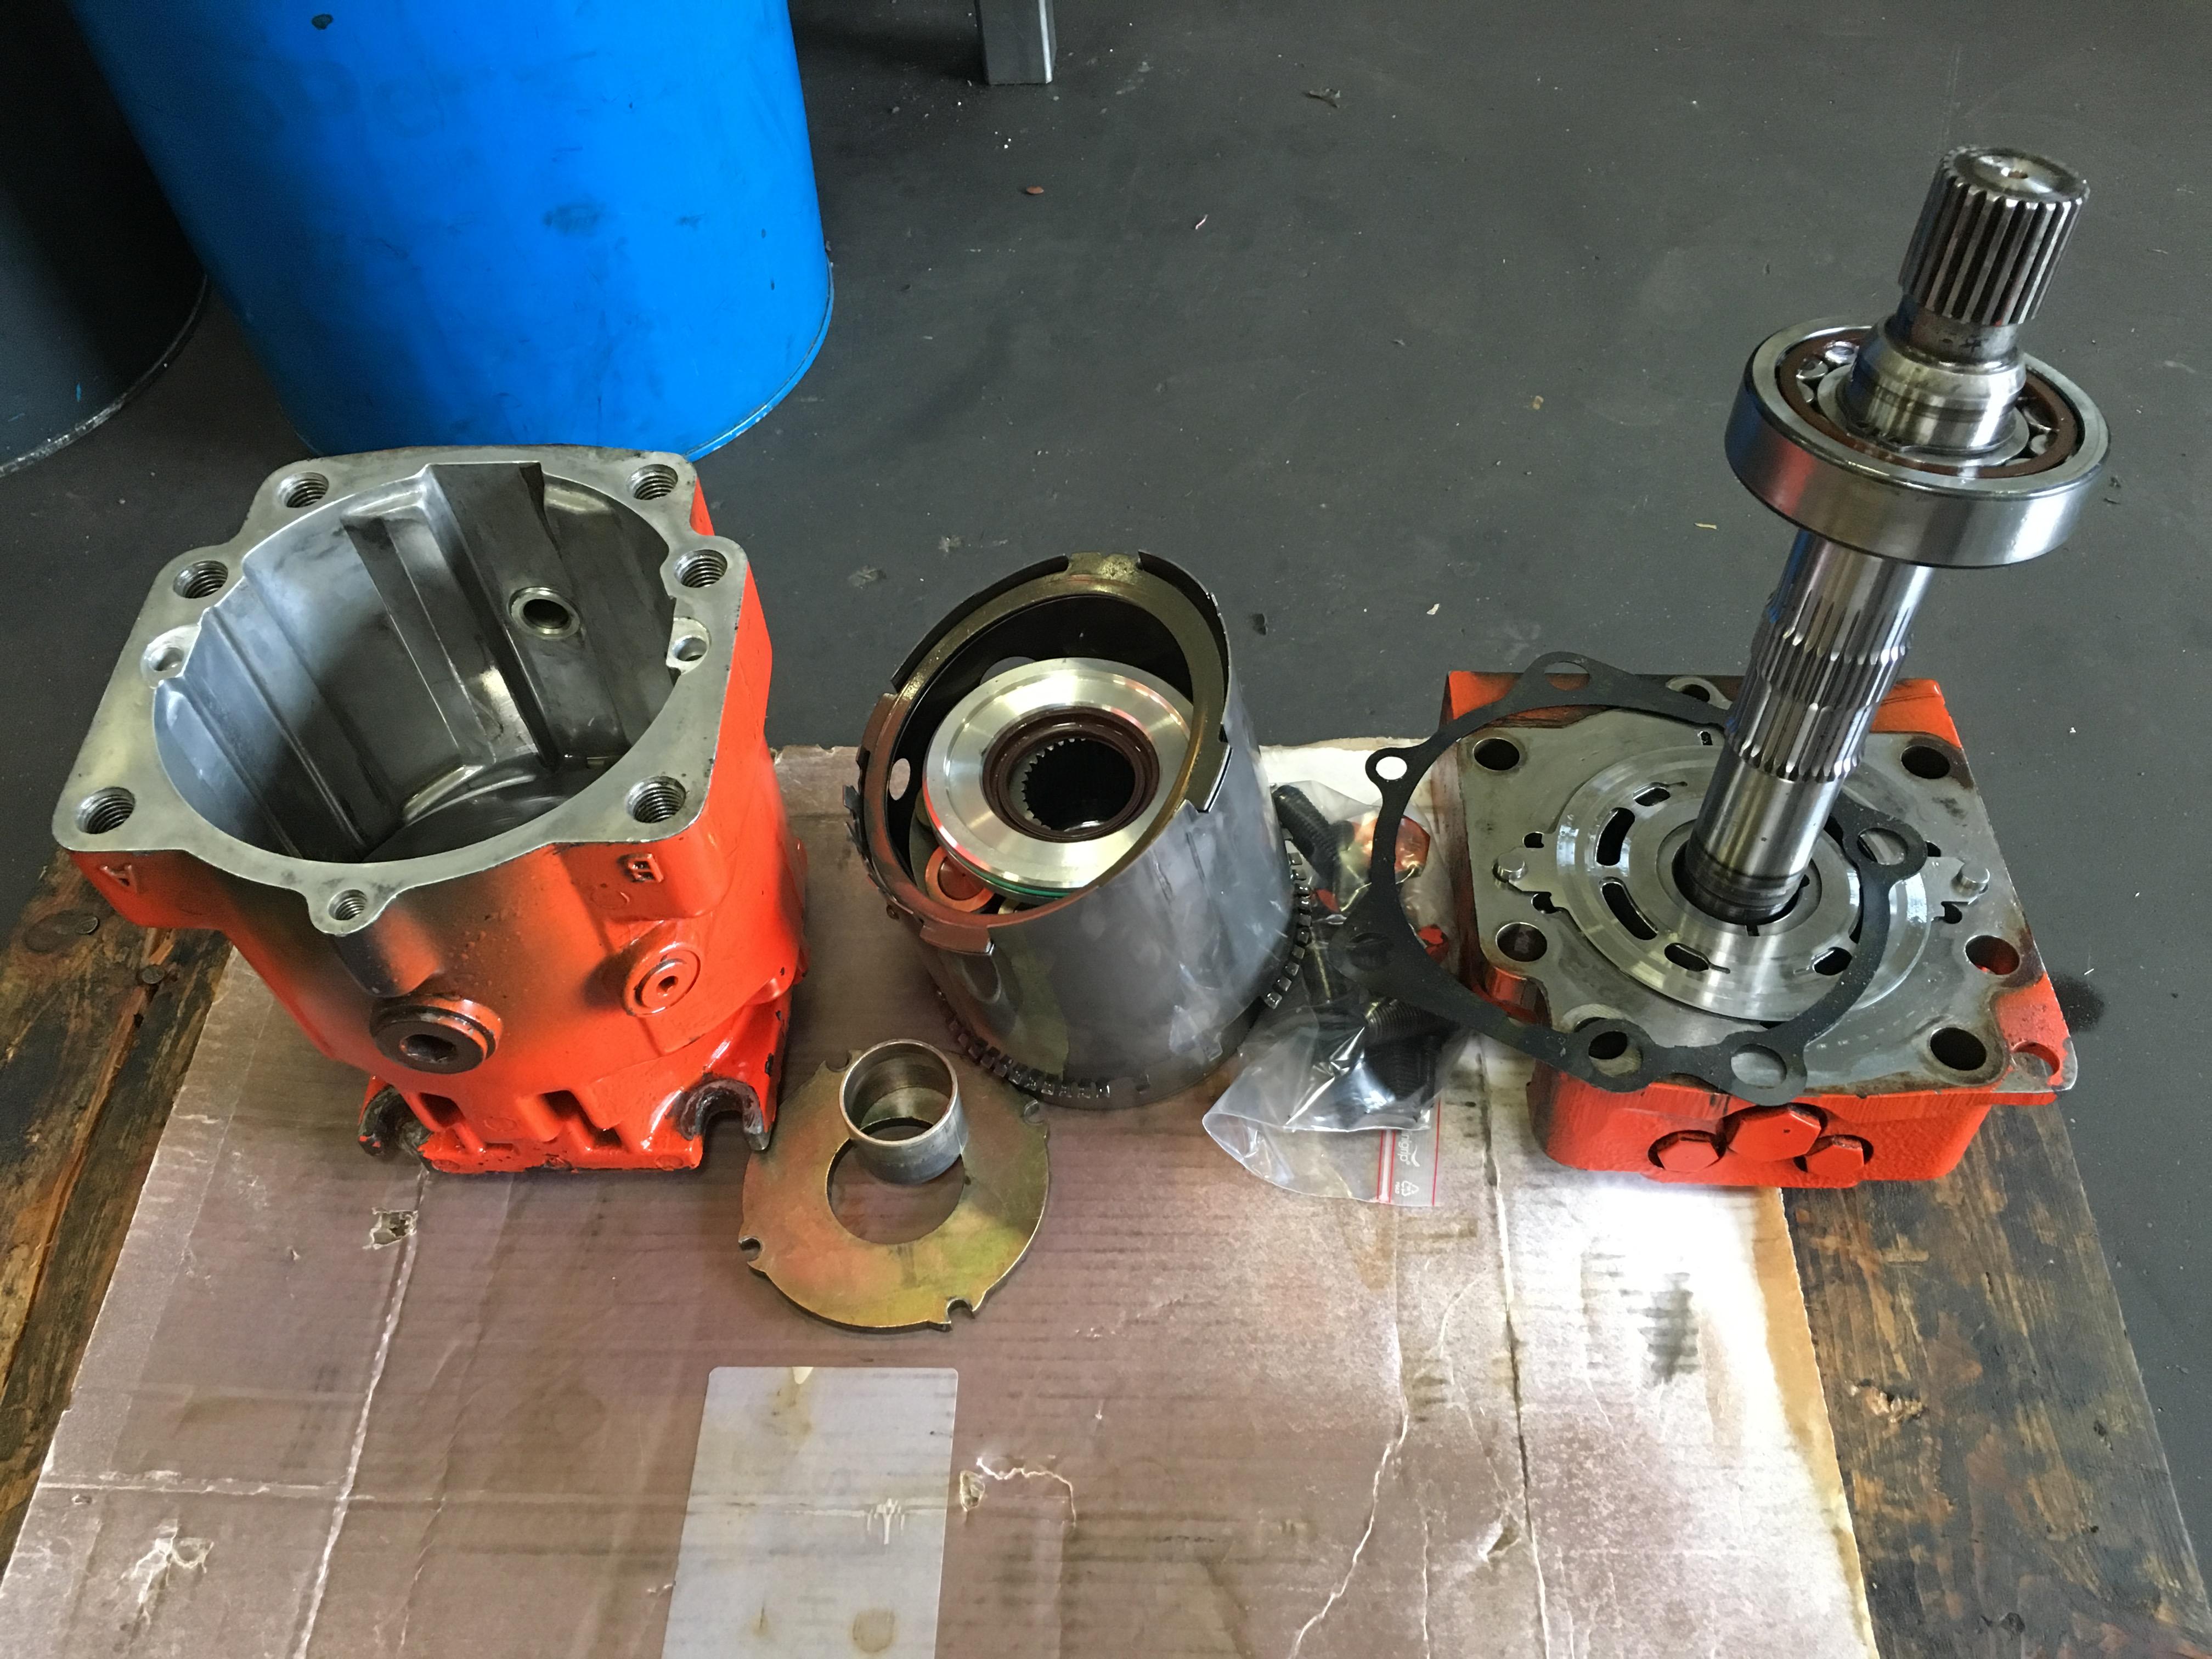 remise-en-etat-moteur-hydraulique-sauer-danfoss-90m100-ncon8